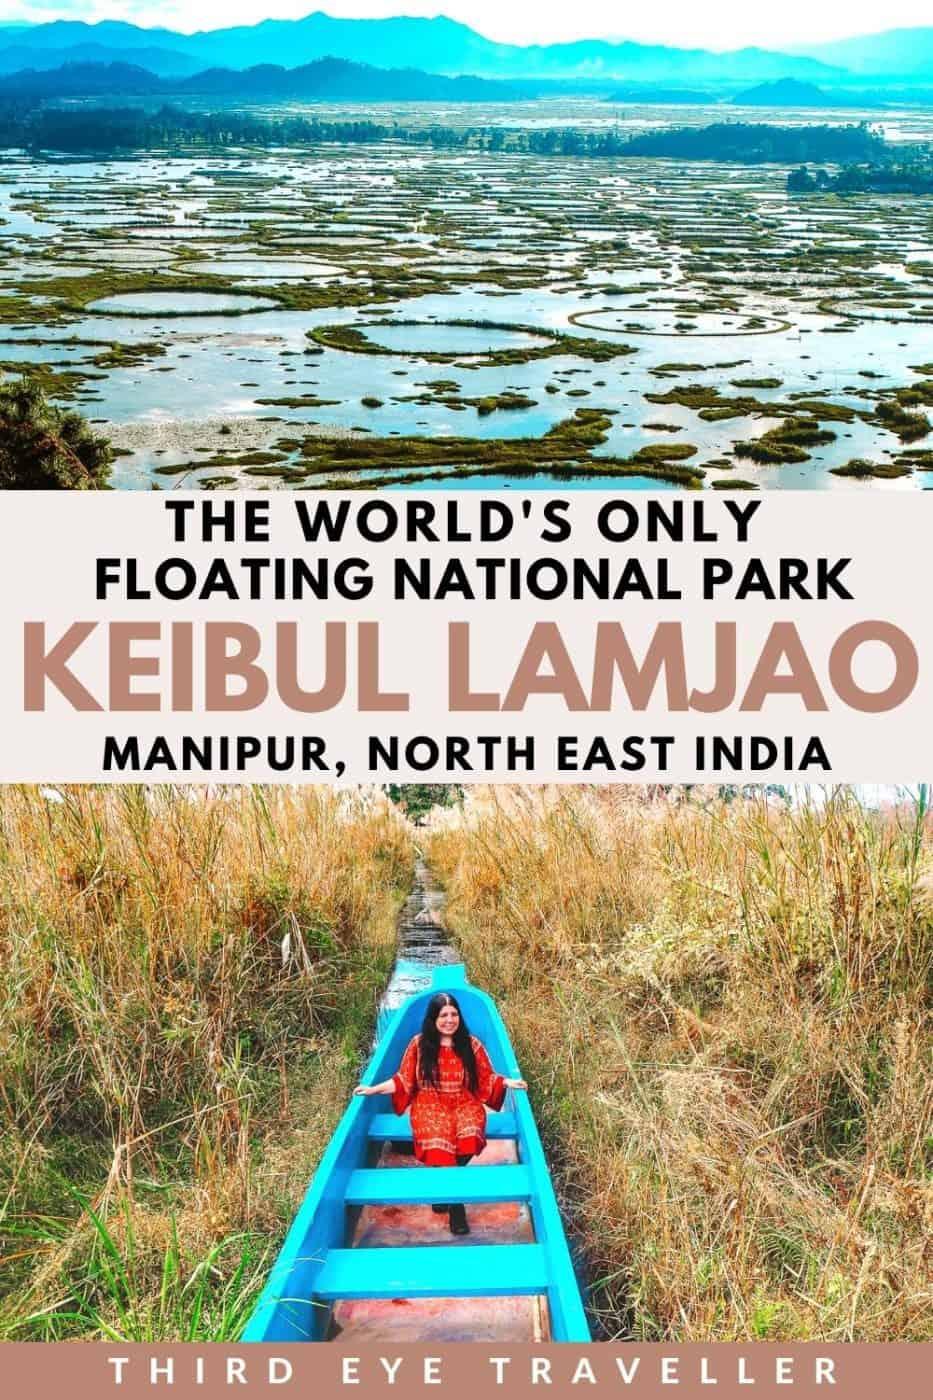 Keibul Lamjao National Park world's only floating National Park Manipur